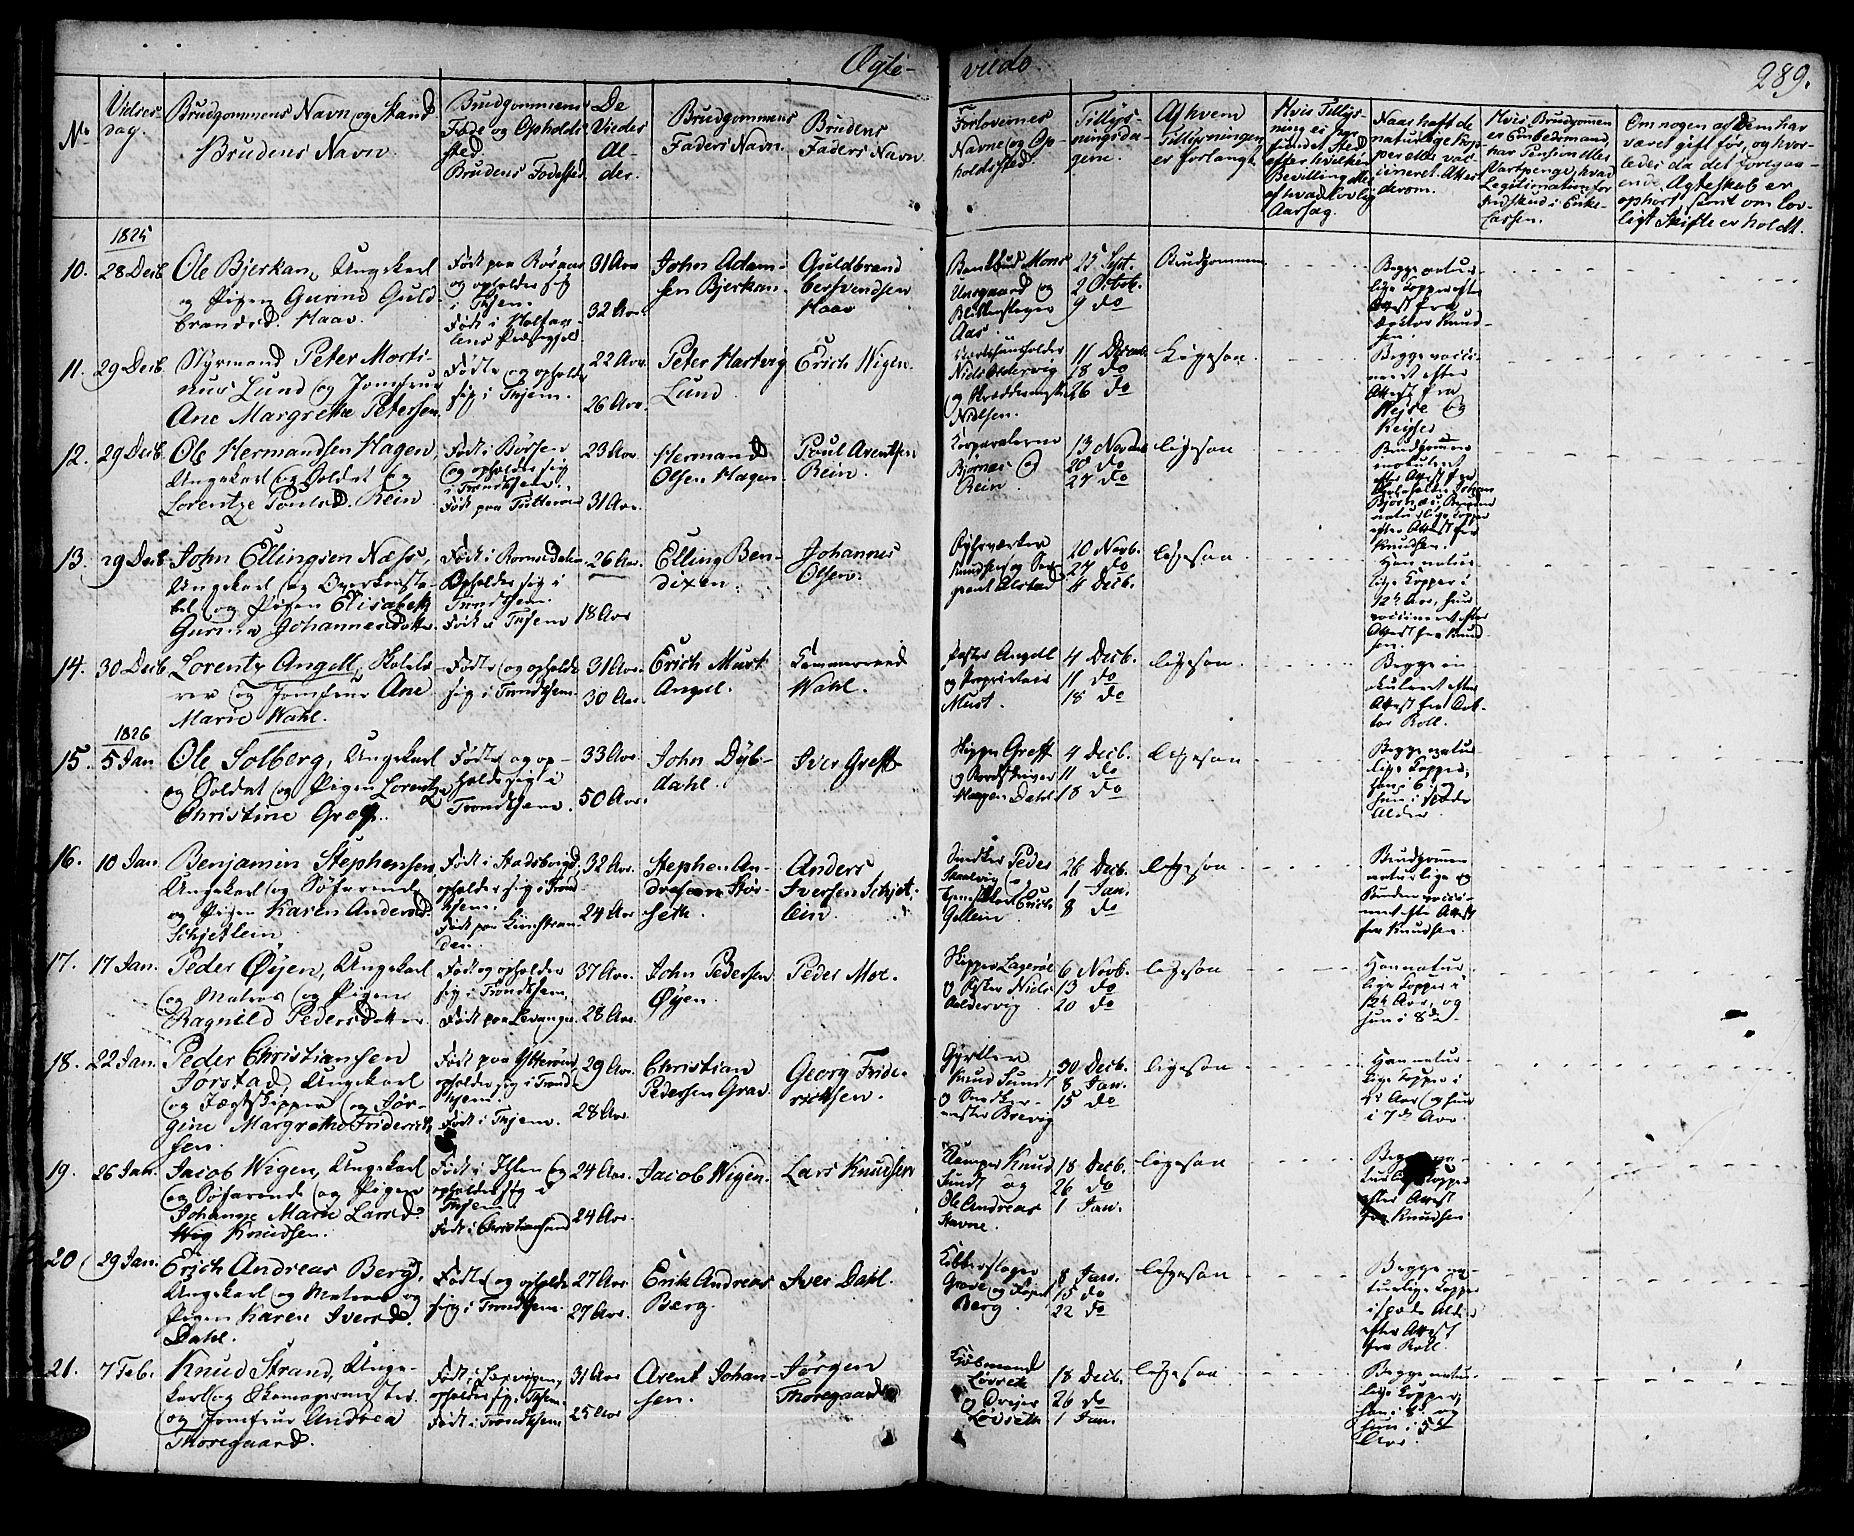 SAT, Ministerialprotokoller, klokkerbøker og fødselsregistre - Sør-Trøndelag, 601/L0045: Ministerialbok nr. 601A13, 1821-1831, s. 289